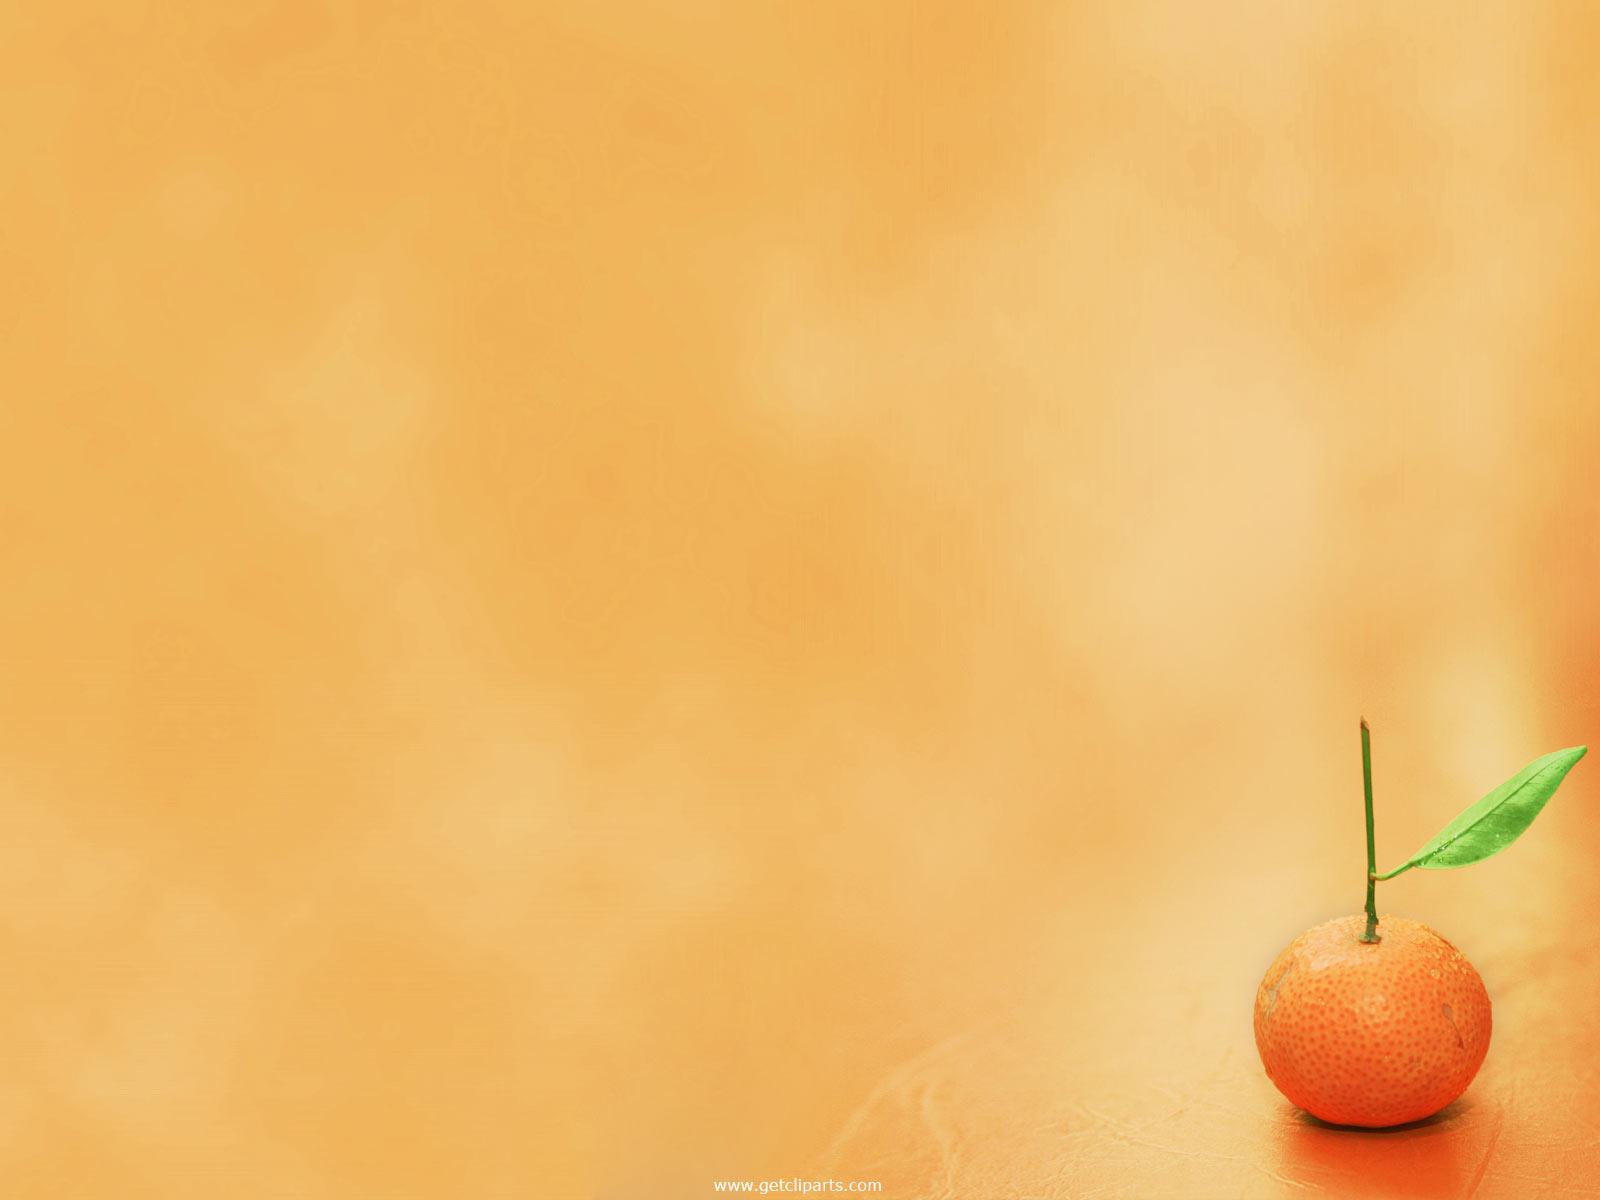 http://1.bp.blogspot.com/-N4NFl6YIzx8/TWQZJvMw6xI/AAAAAAAAA7I/UWa0I73zozI/s1600/orange_fruit_1600x1200.jpg